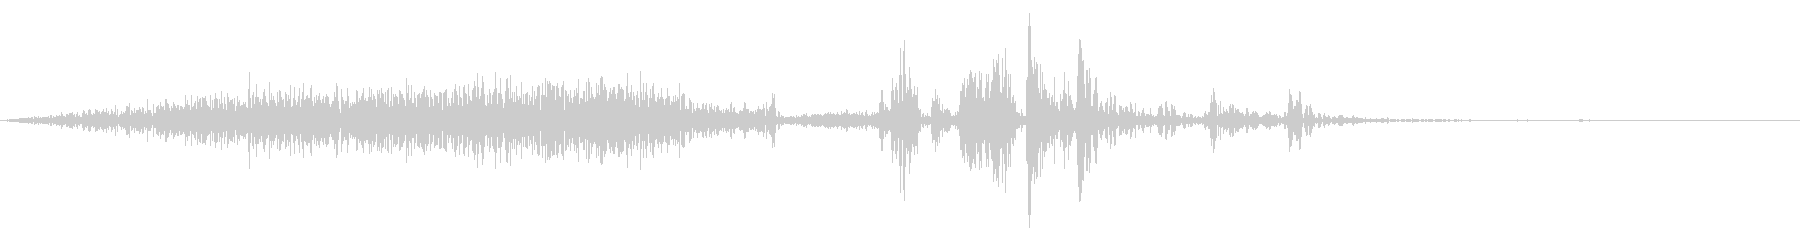 【生録音】本のページをめくる音 10の未再生の波形